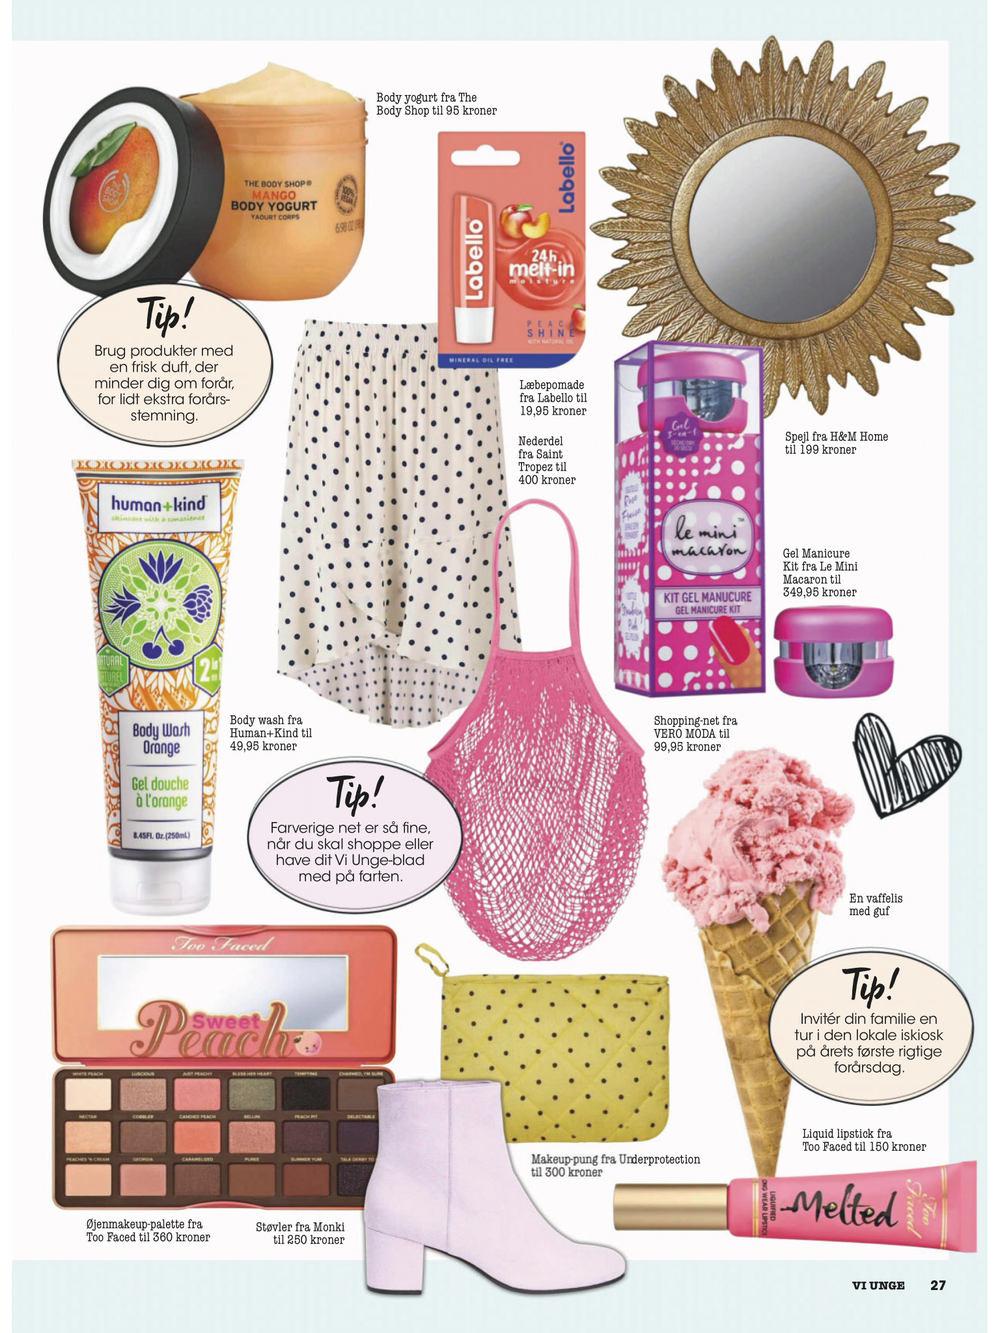 The Body Shop & Le Mini Macaron x Vi Unge